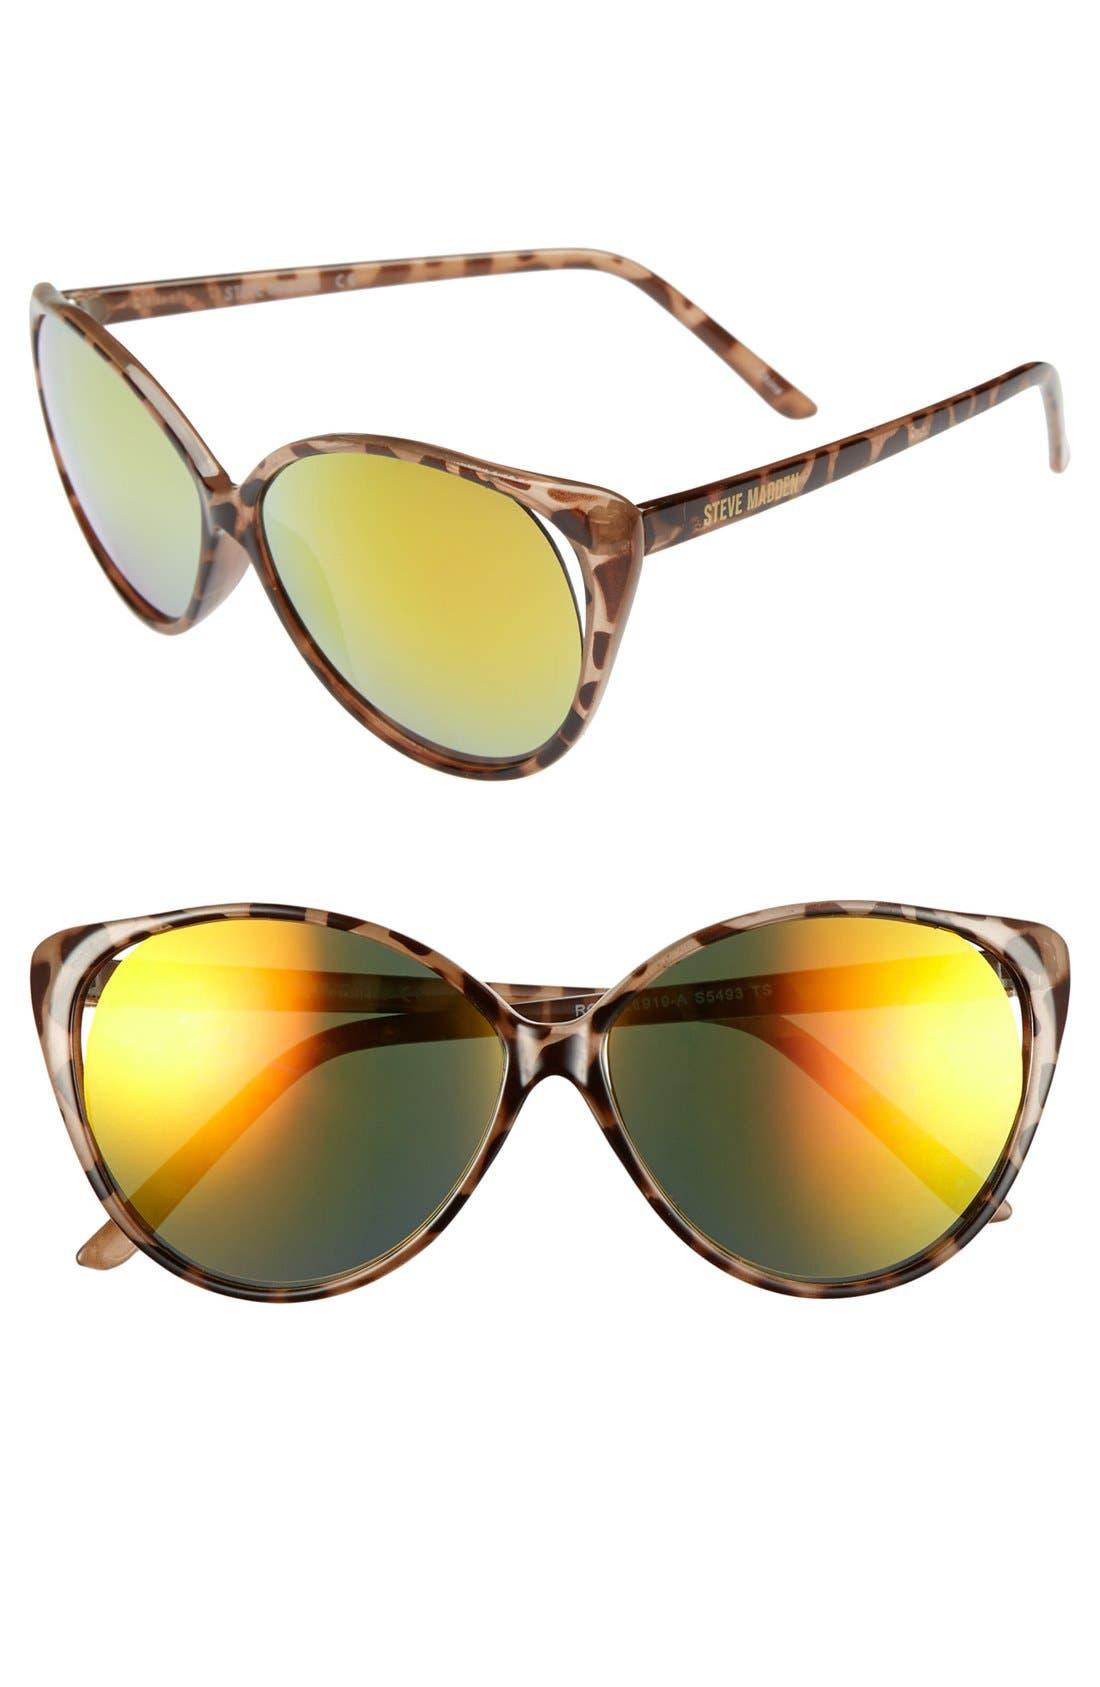 Alternate Image 1 Selected - Steve Madden 60mm Vented Cat Eye Sunglasses